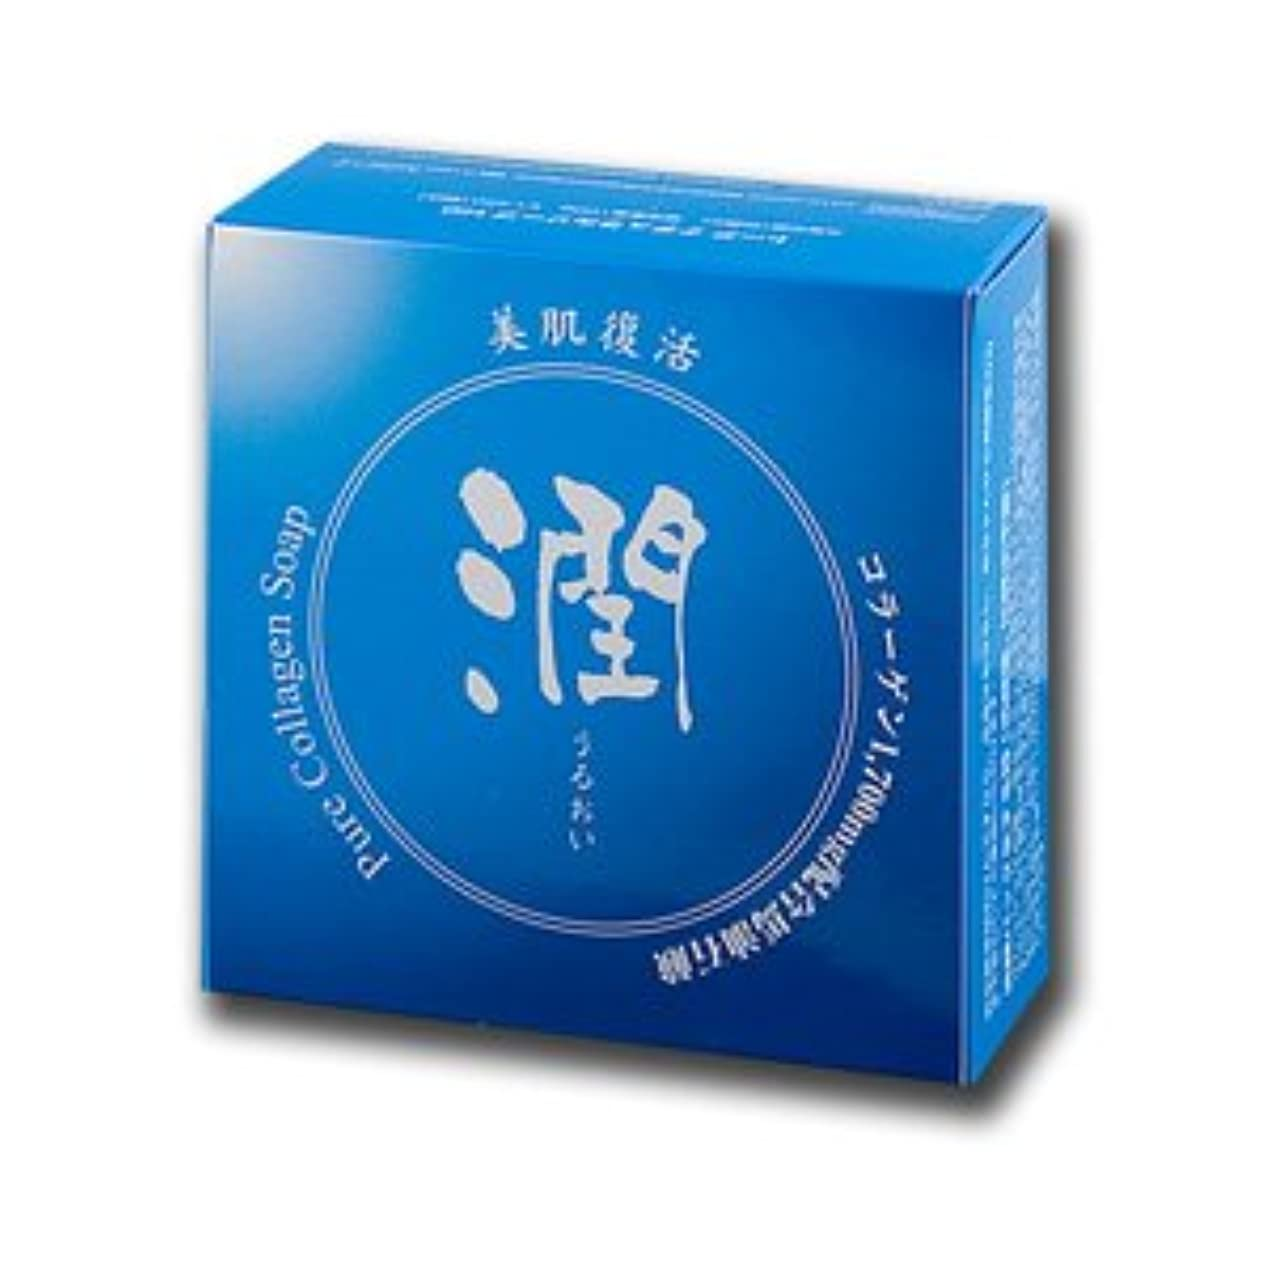 シードフレームワーク送信するコラーゲン馬油石鹸 潤 100g (#800410) ×10個セット